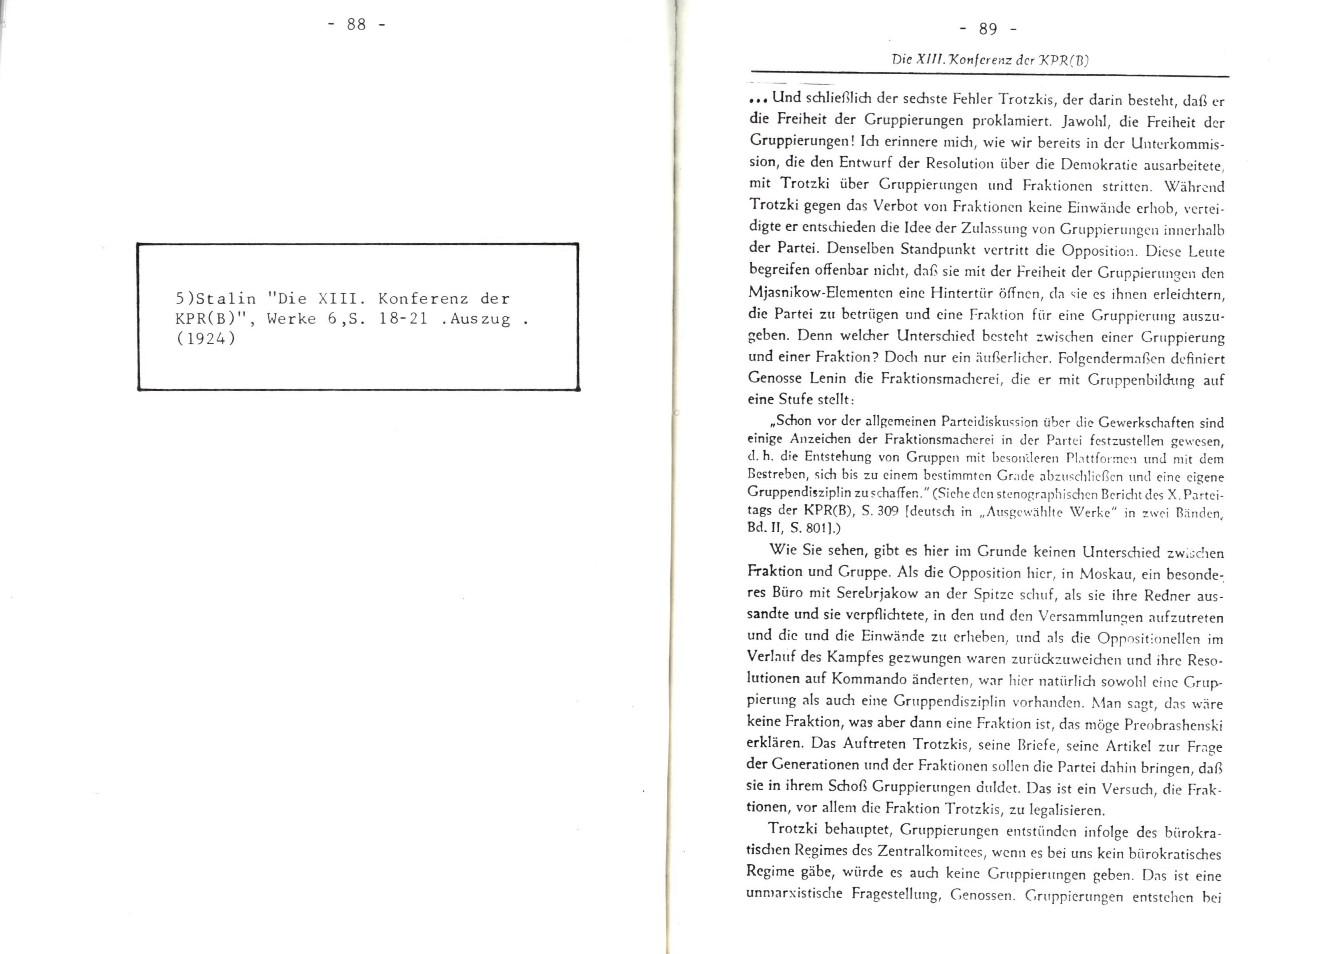 MLSK_Theorie_und_Praxis_des_ML_1979_25_45